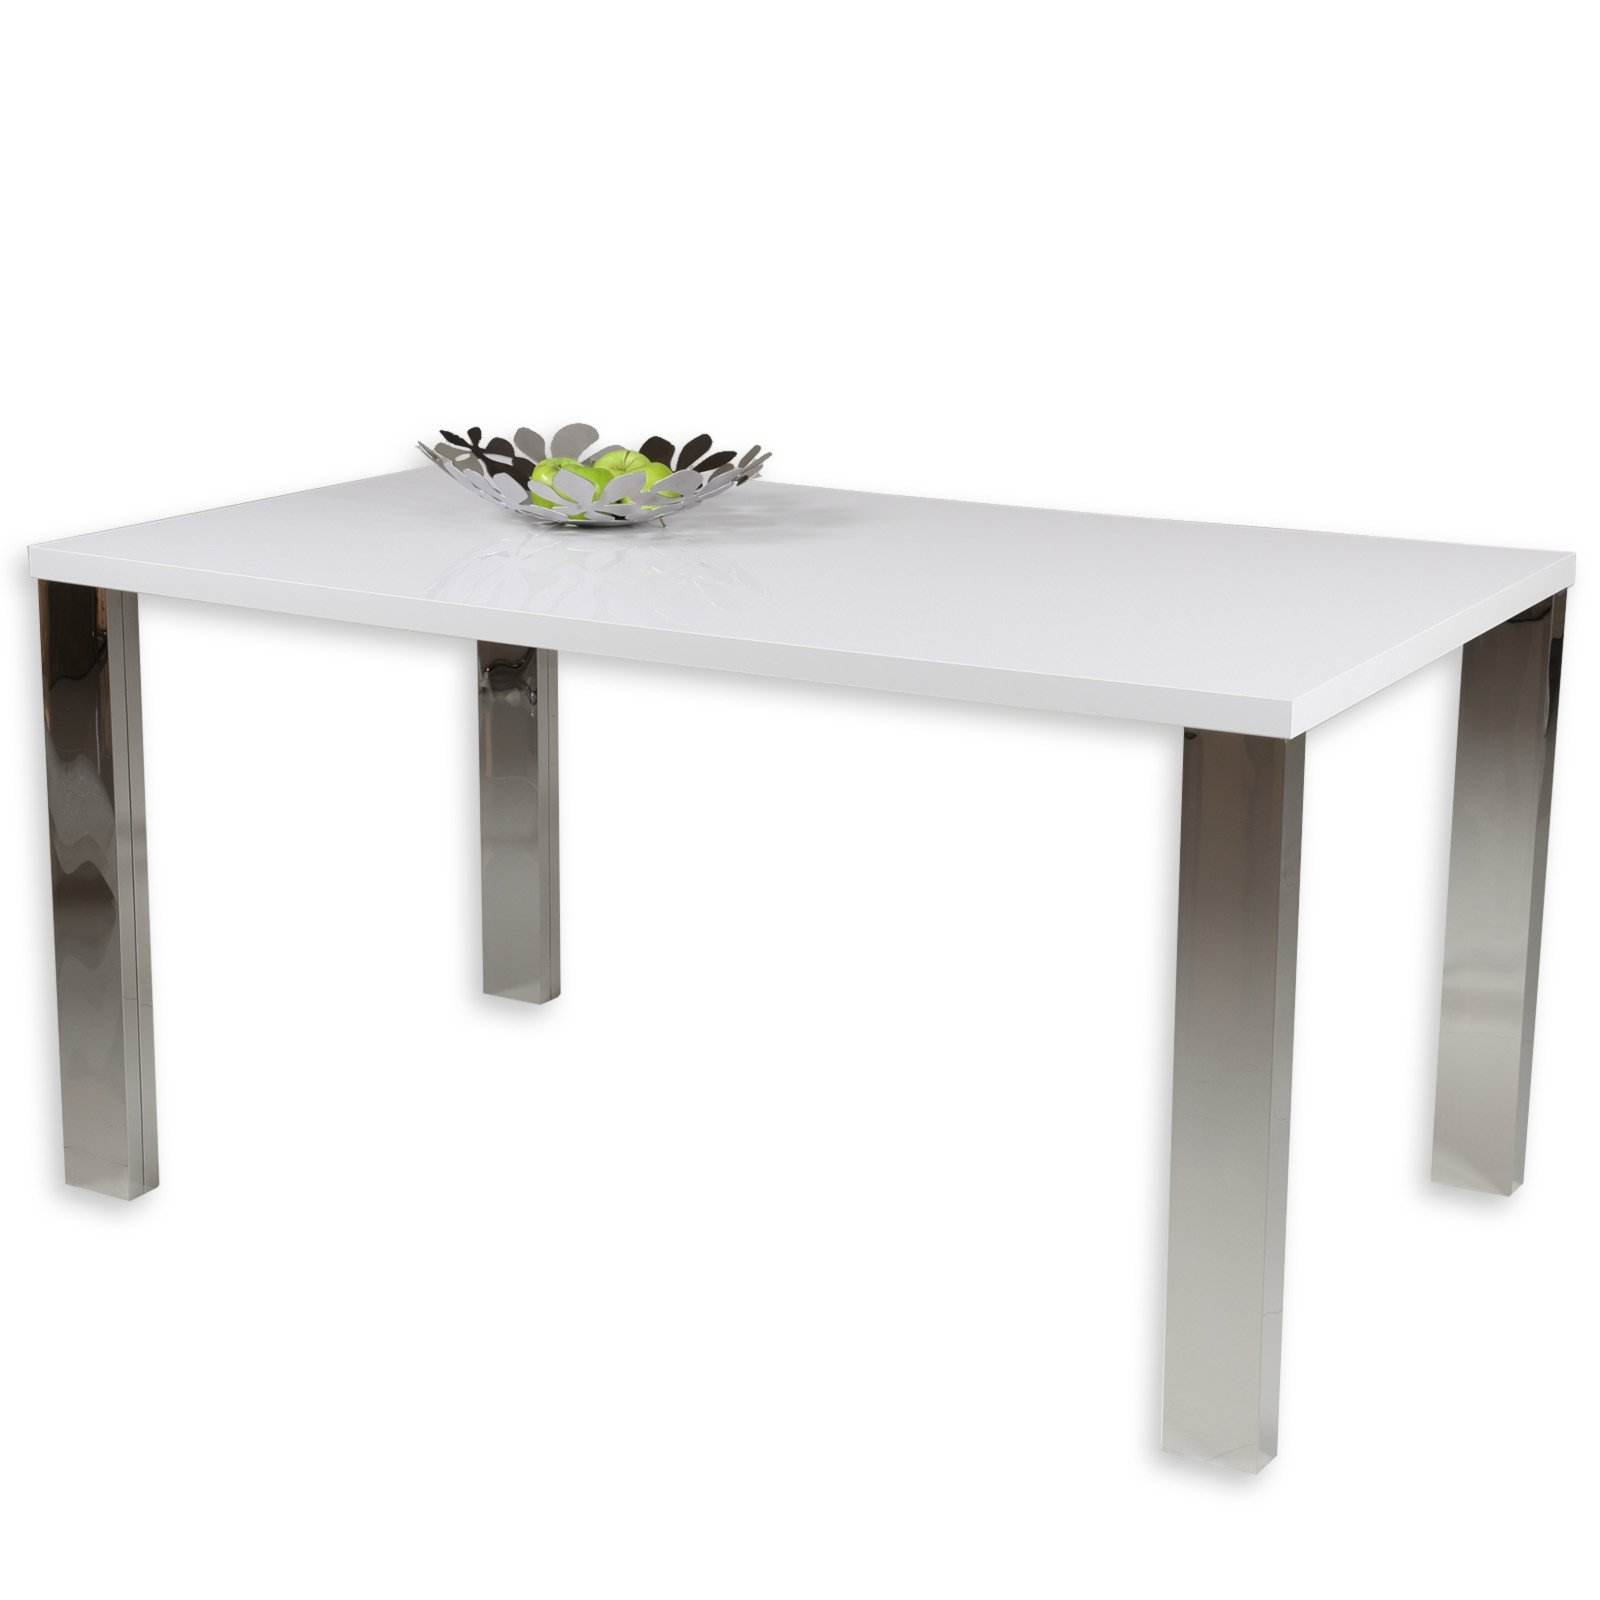 tisch ella - weiß-chrom - 150x90 cm | esstische | sitzen & essen, Esstisch ideennn